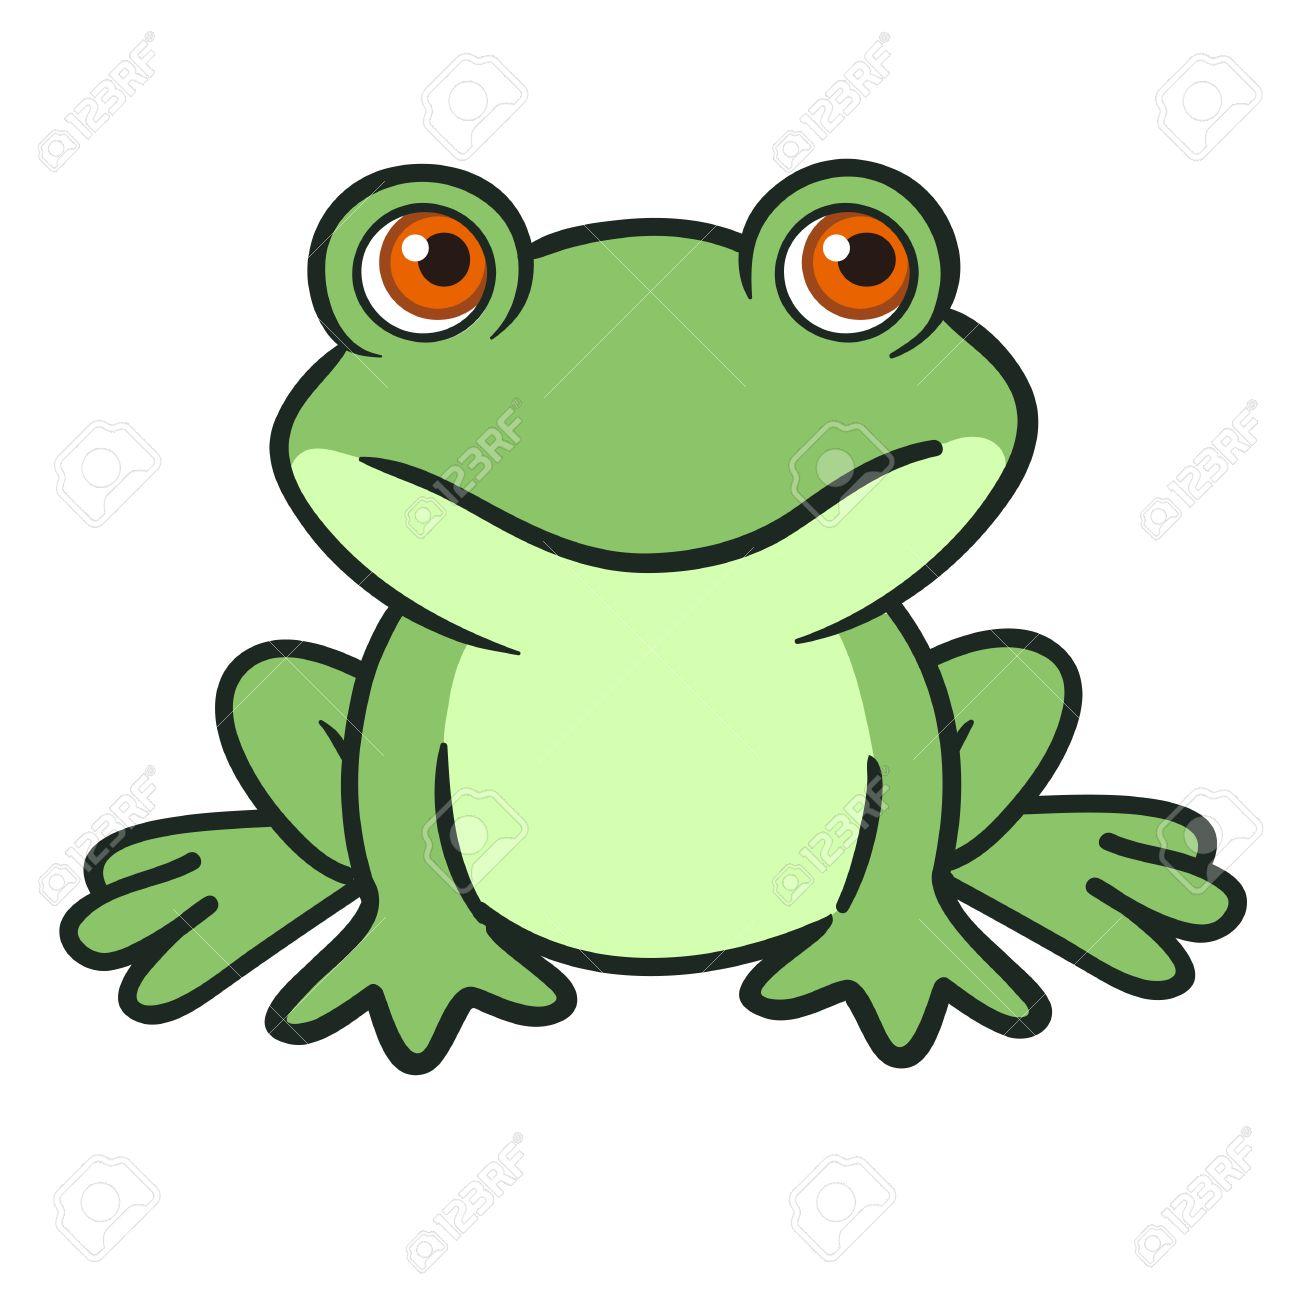 ベクトル手描き漫画イラストかわいい面白い緑のカエルのキャラクターが